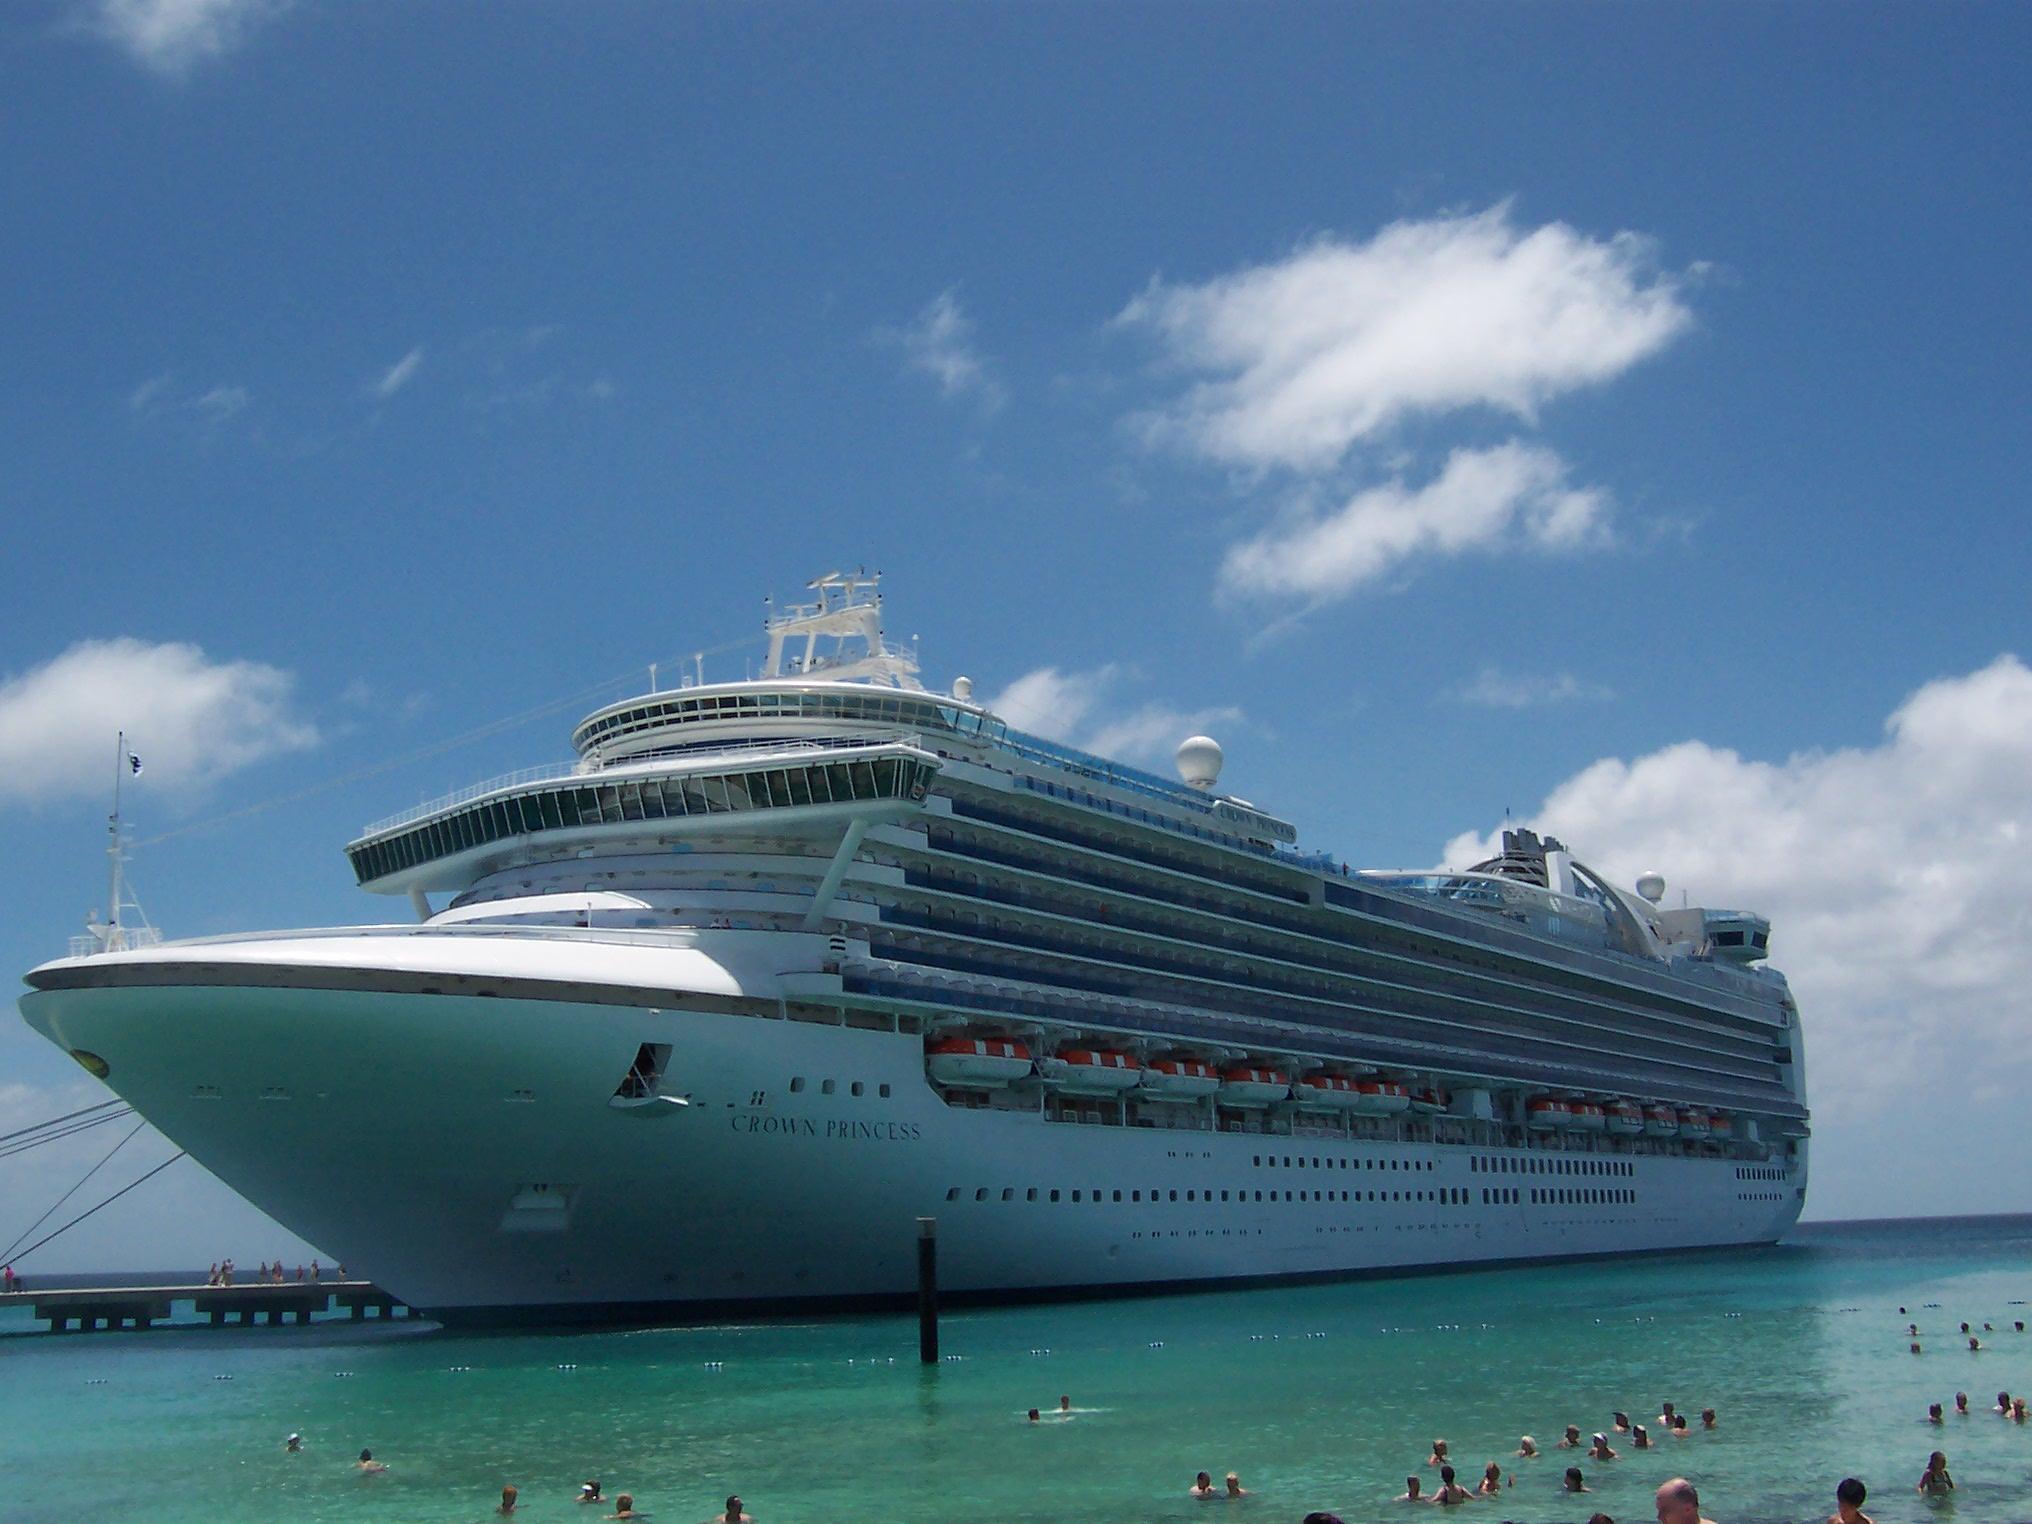 Más de 170 pasajeros de un crucero se enferman de un virus altamente contagioso